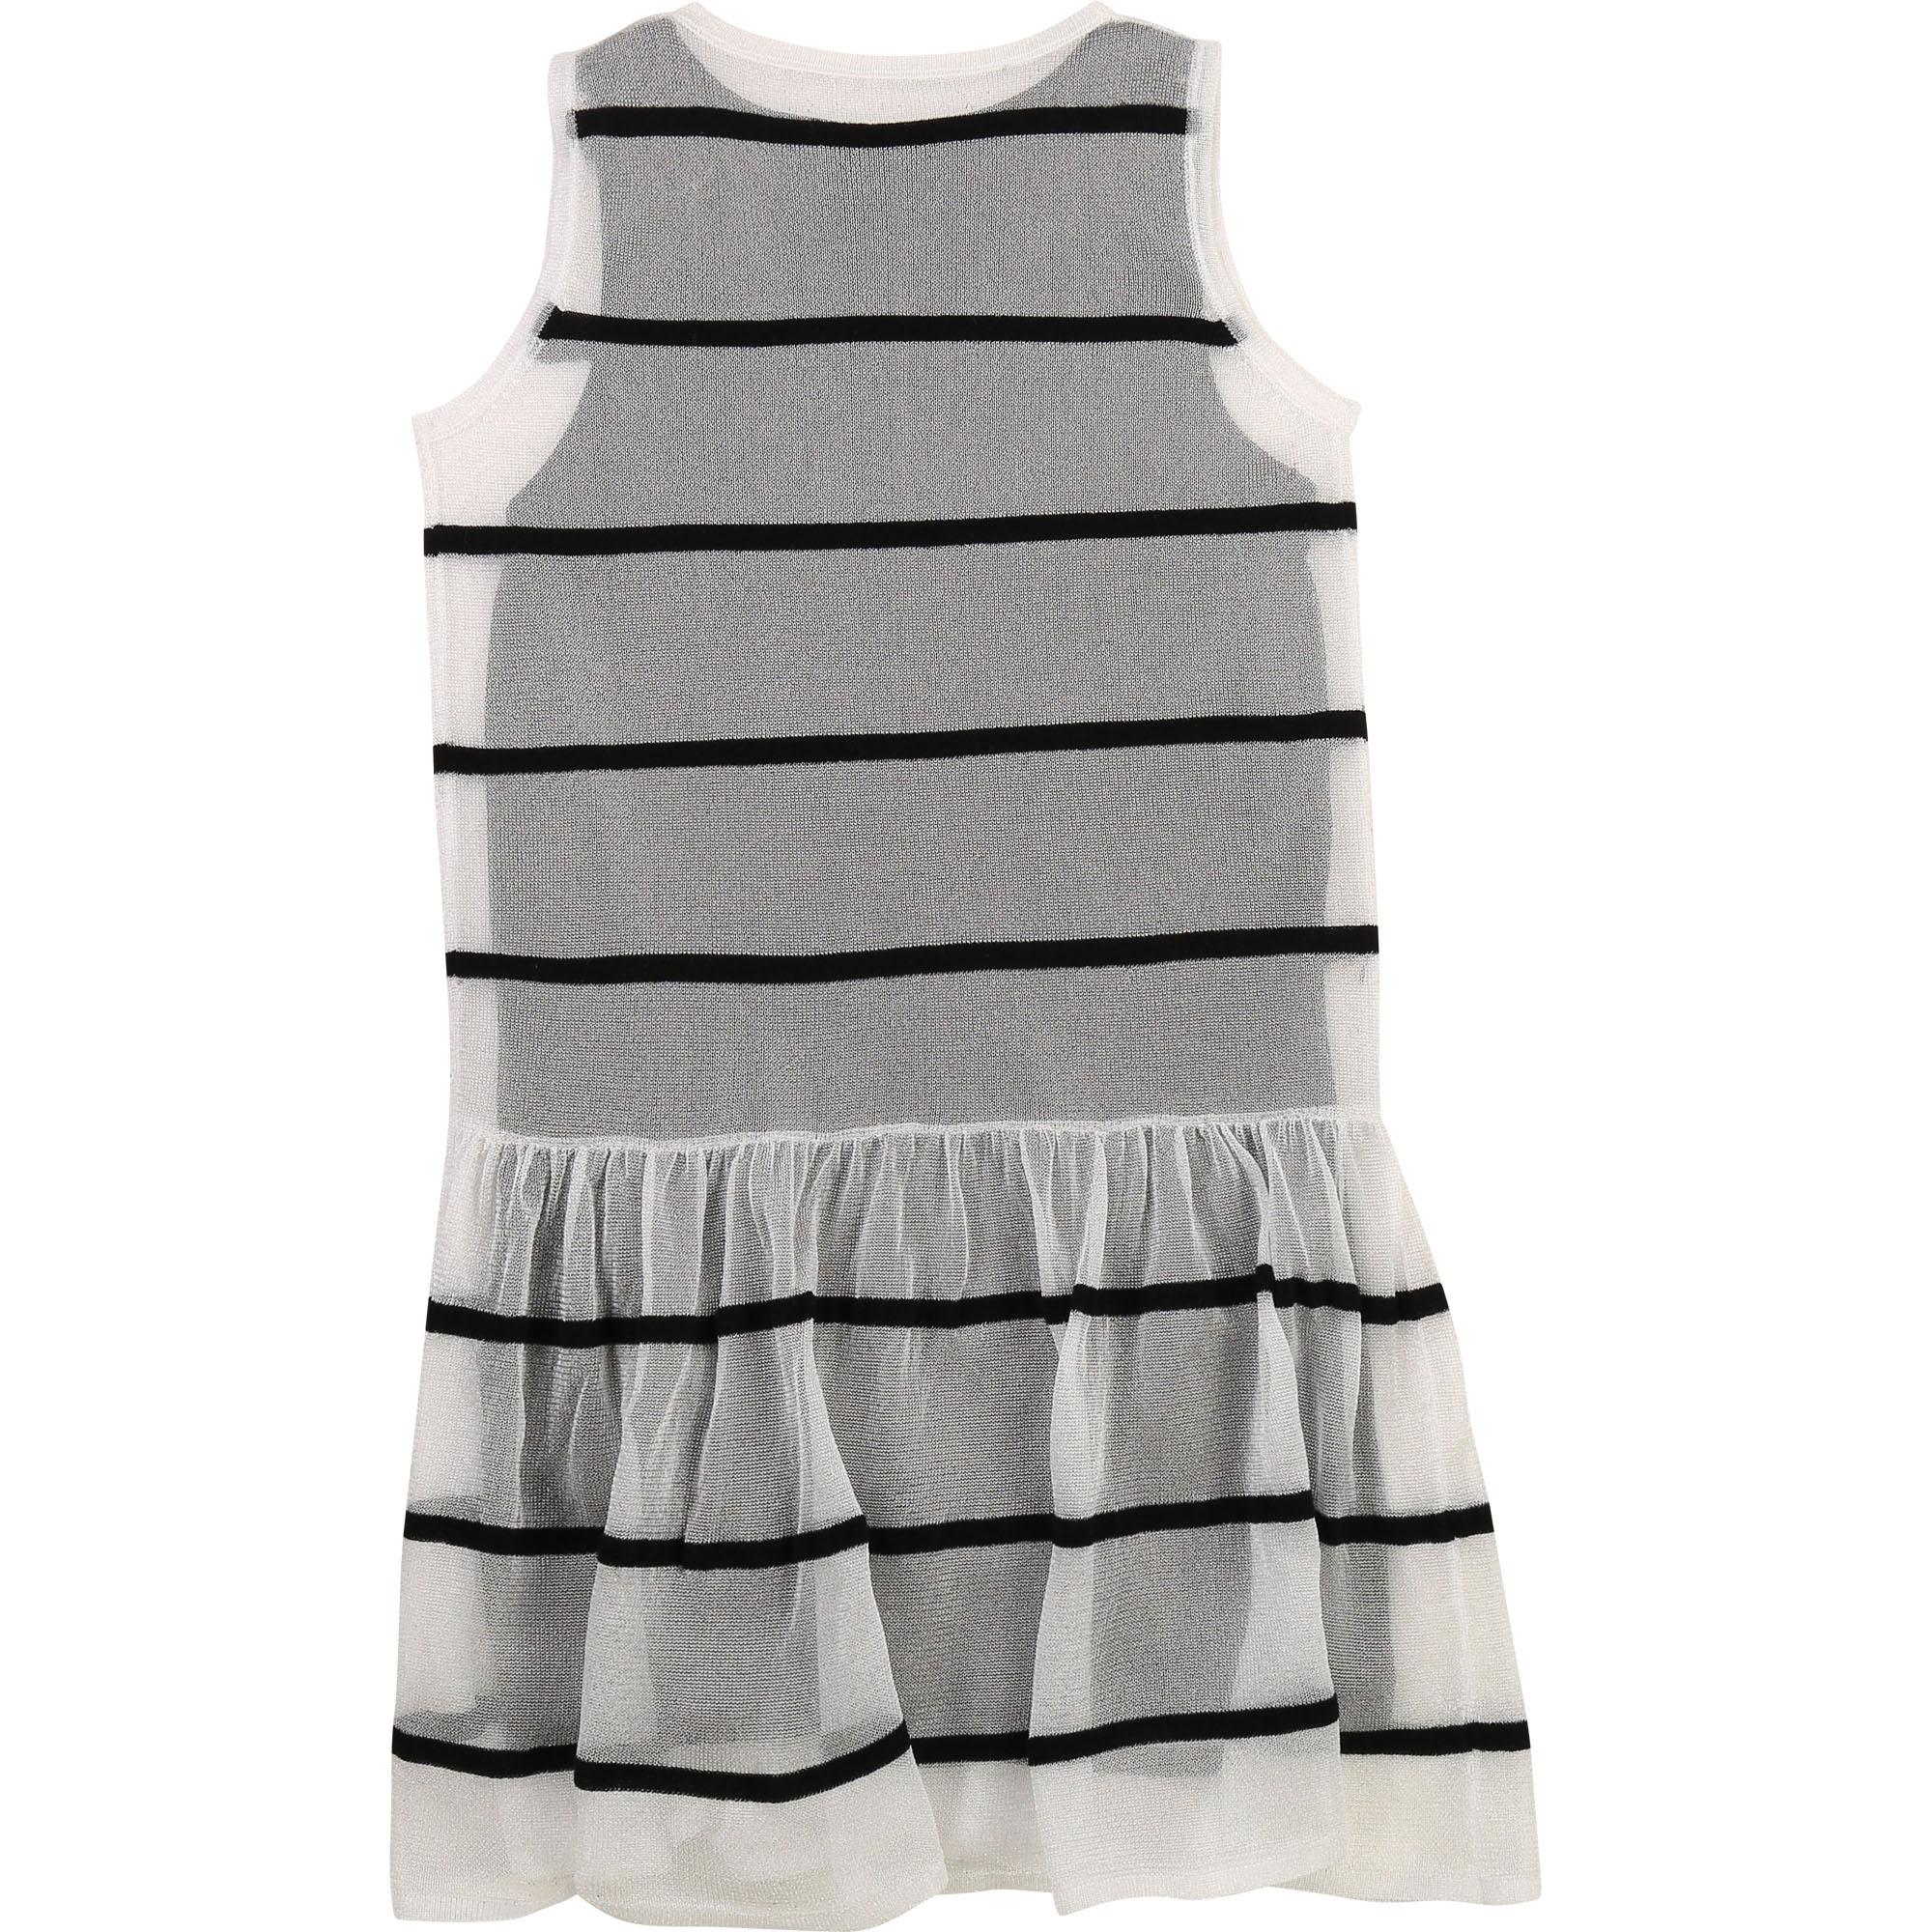 2-in-1 sleeveless jersey dress KARL LAGERFELD KIDS for GIRL